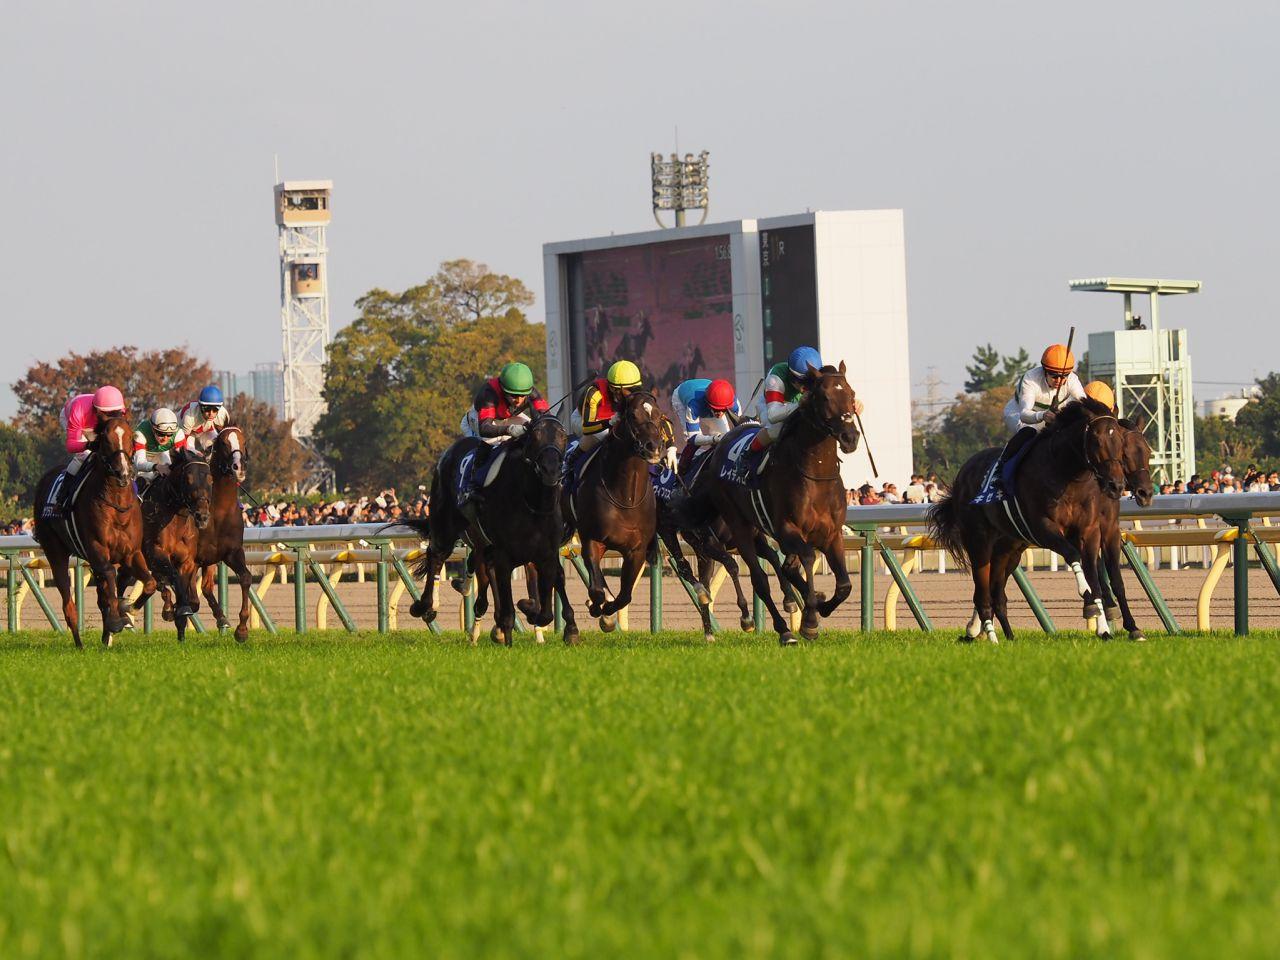 【天皇賞・秋】ダンビュライト放馬で悲鳴 競走除外